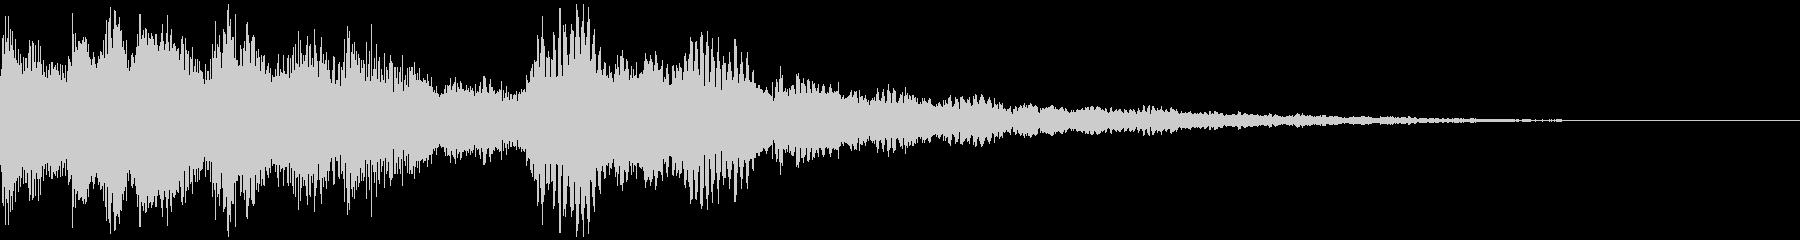 クリアな効果音の未再生の波形